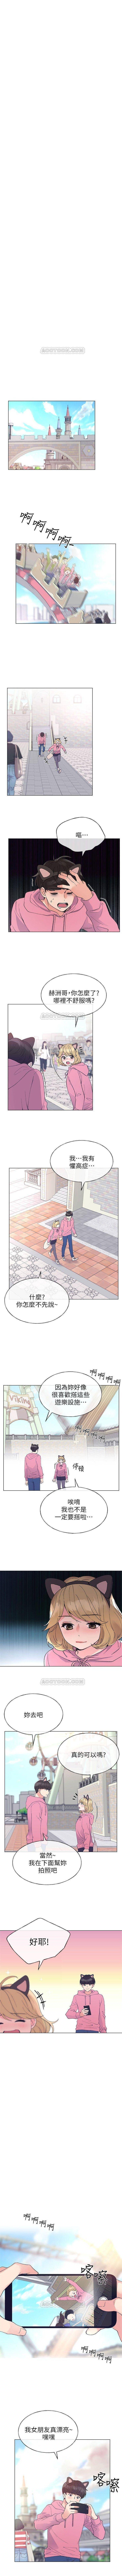 (週5)重考生 1-52 中文翻譯(更新中) 275